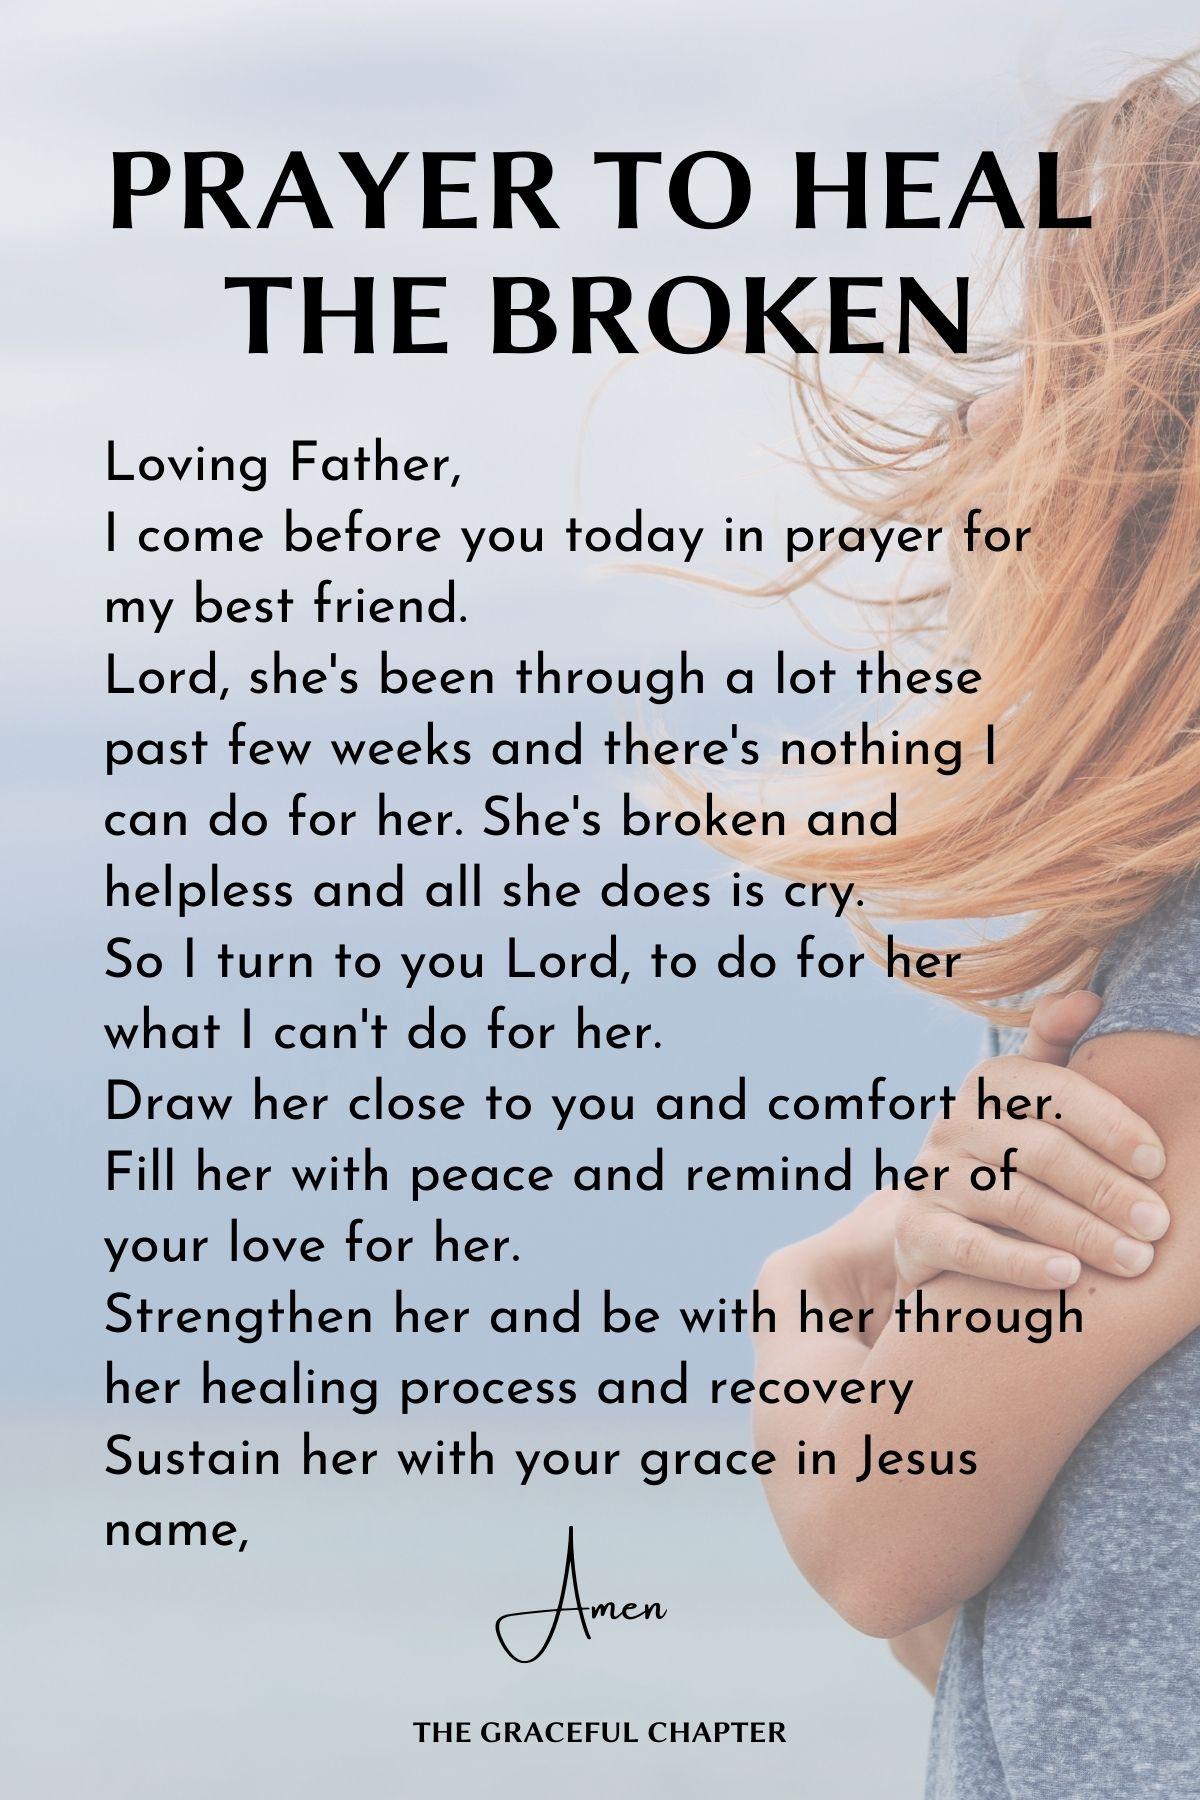 Prayer to heal the broken